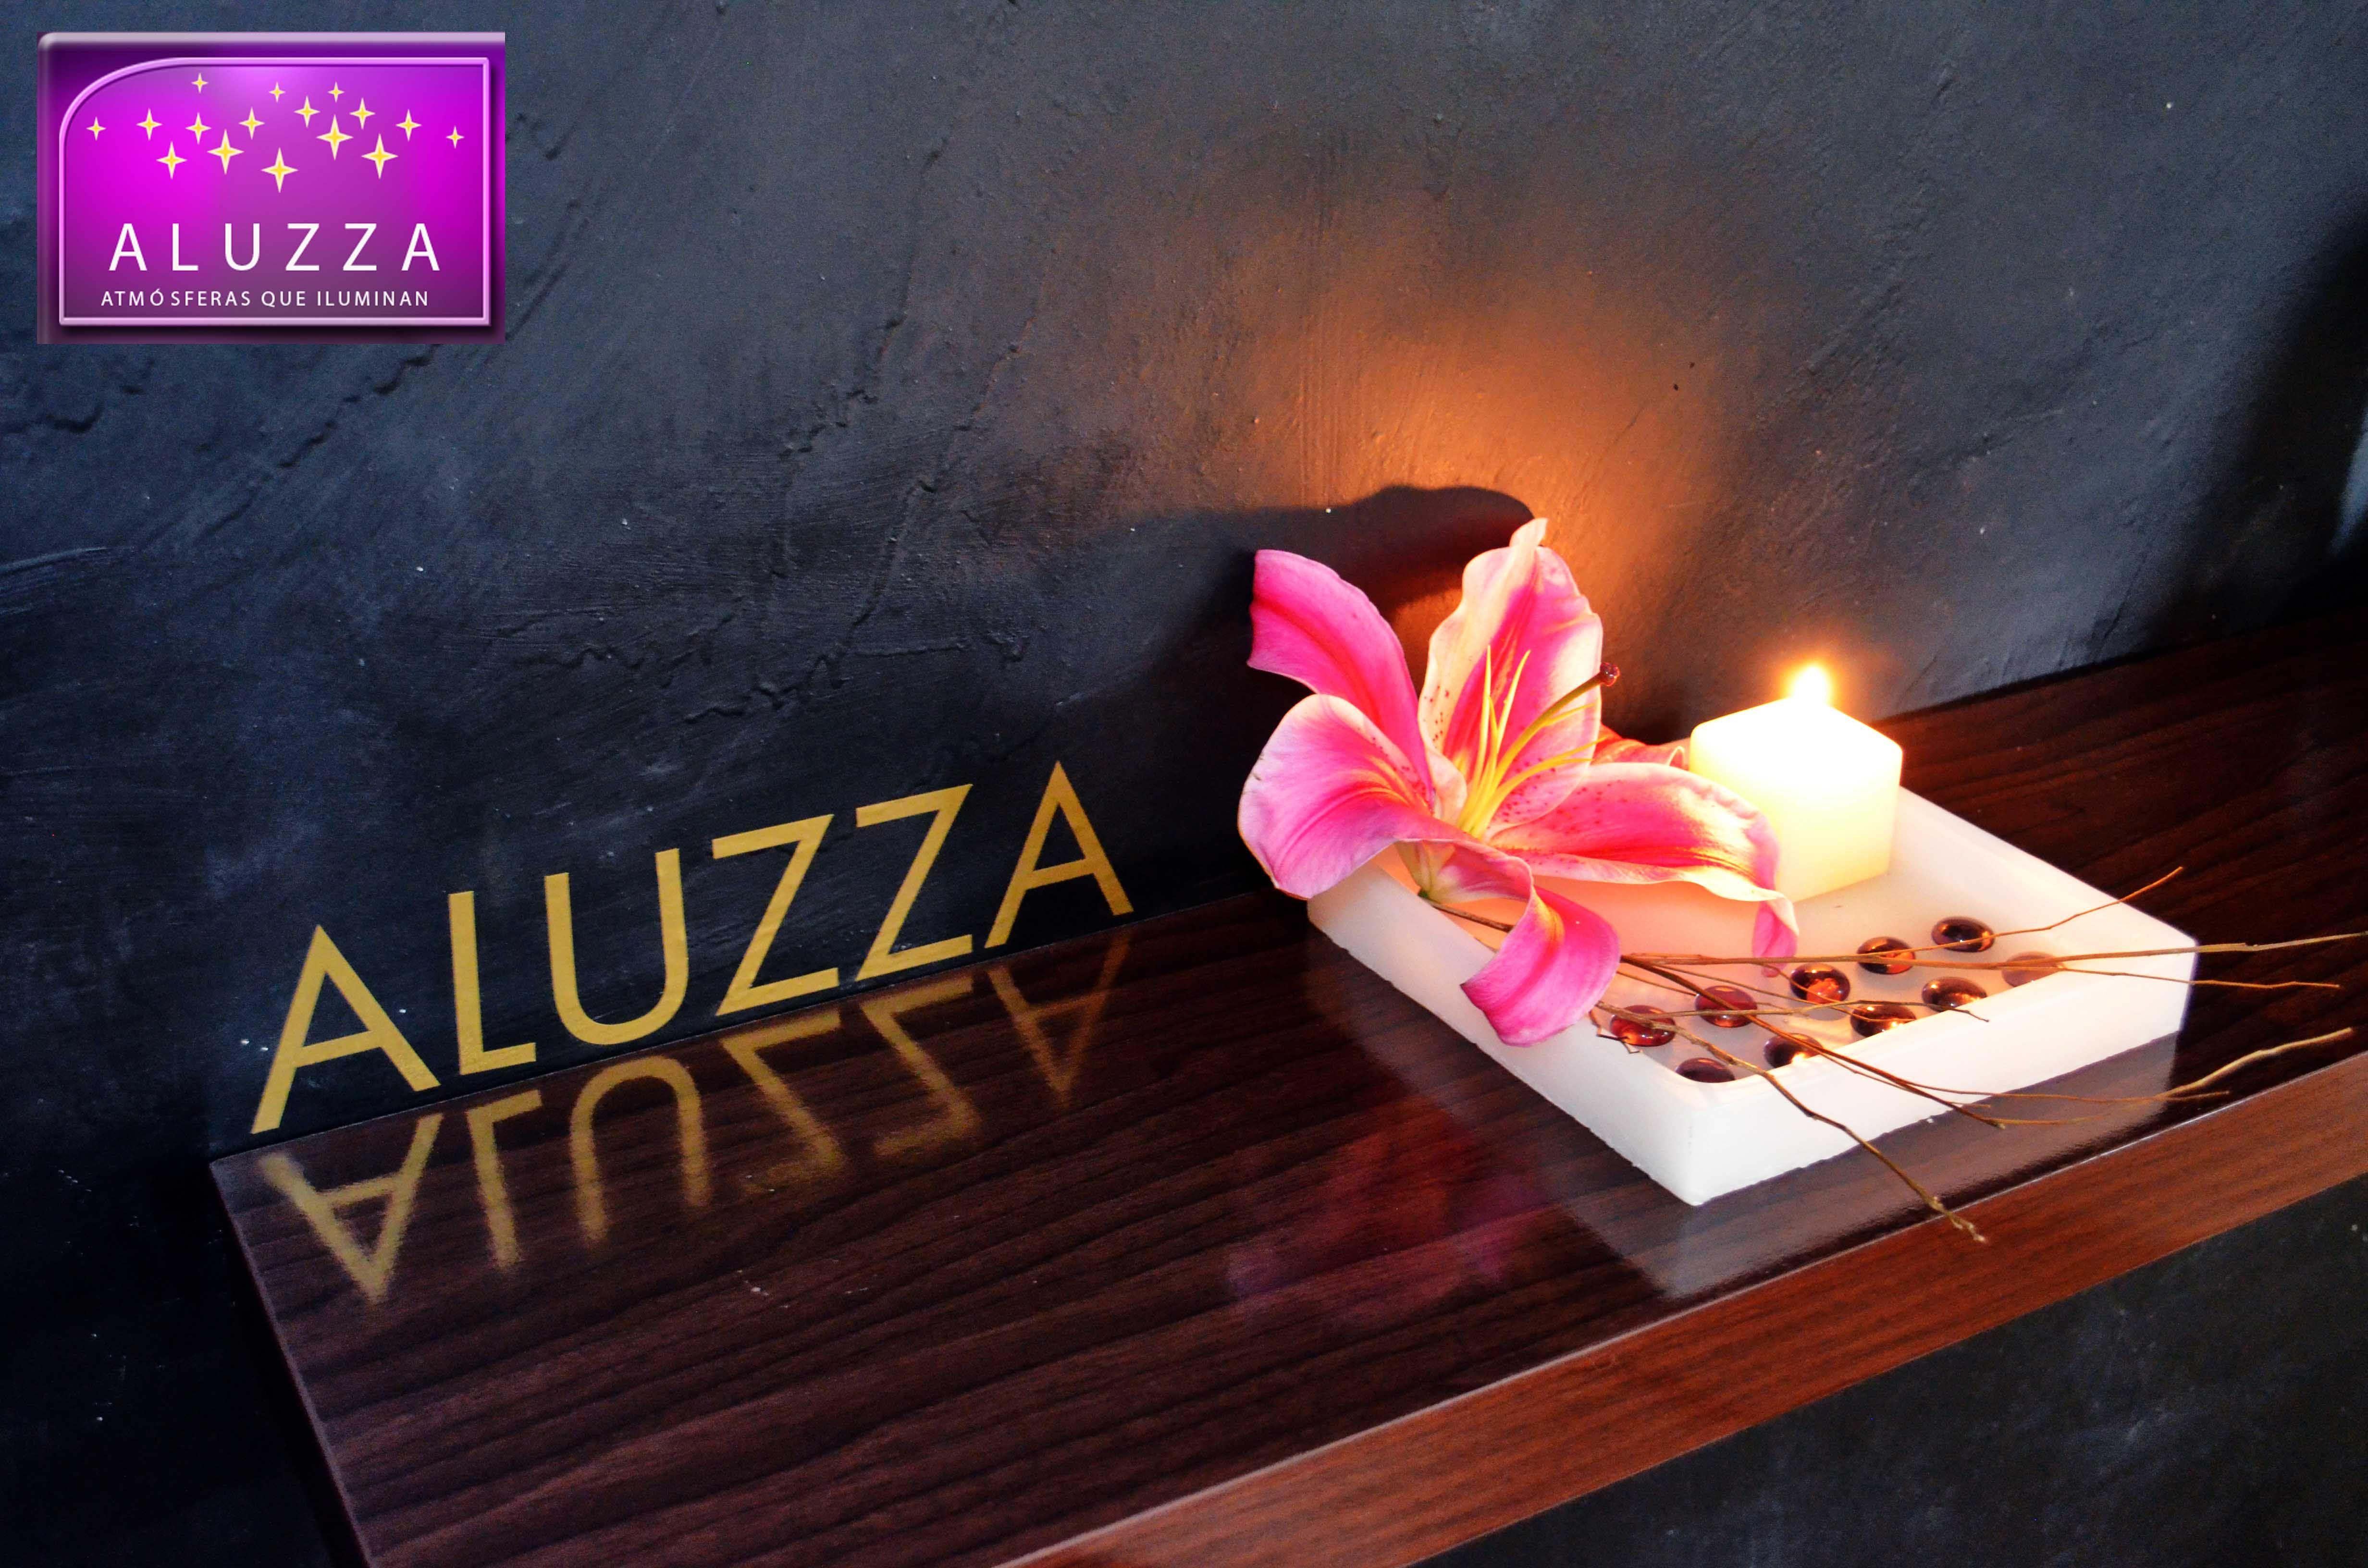 Centro de mesa con charola de 20x20cm y vela cuadrada y gema morada. ALUZZA.